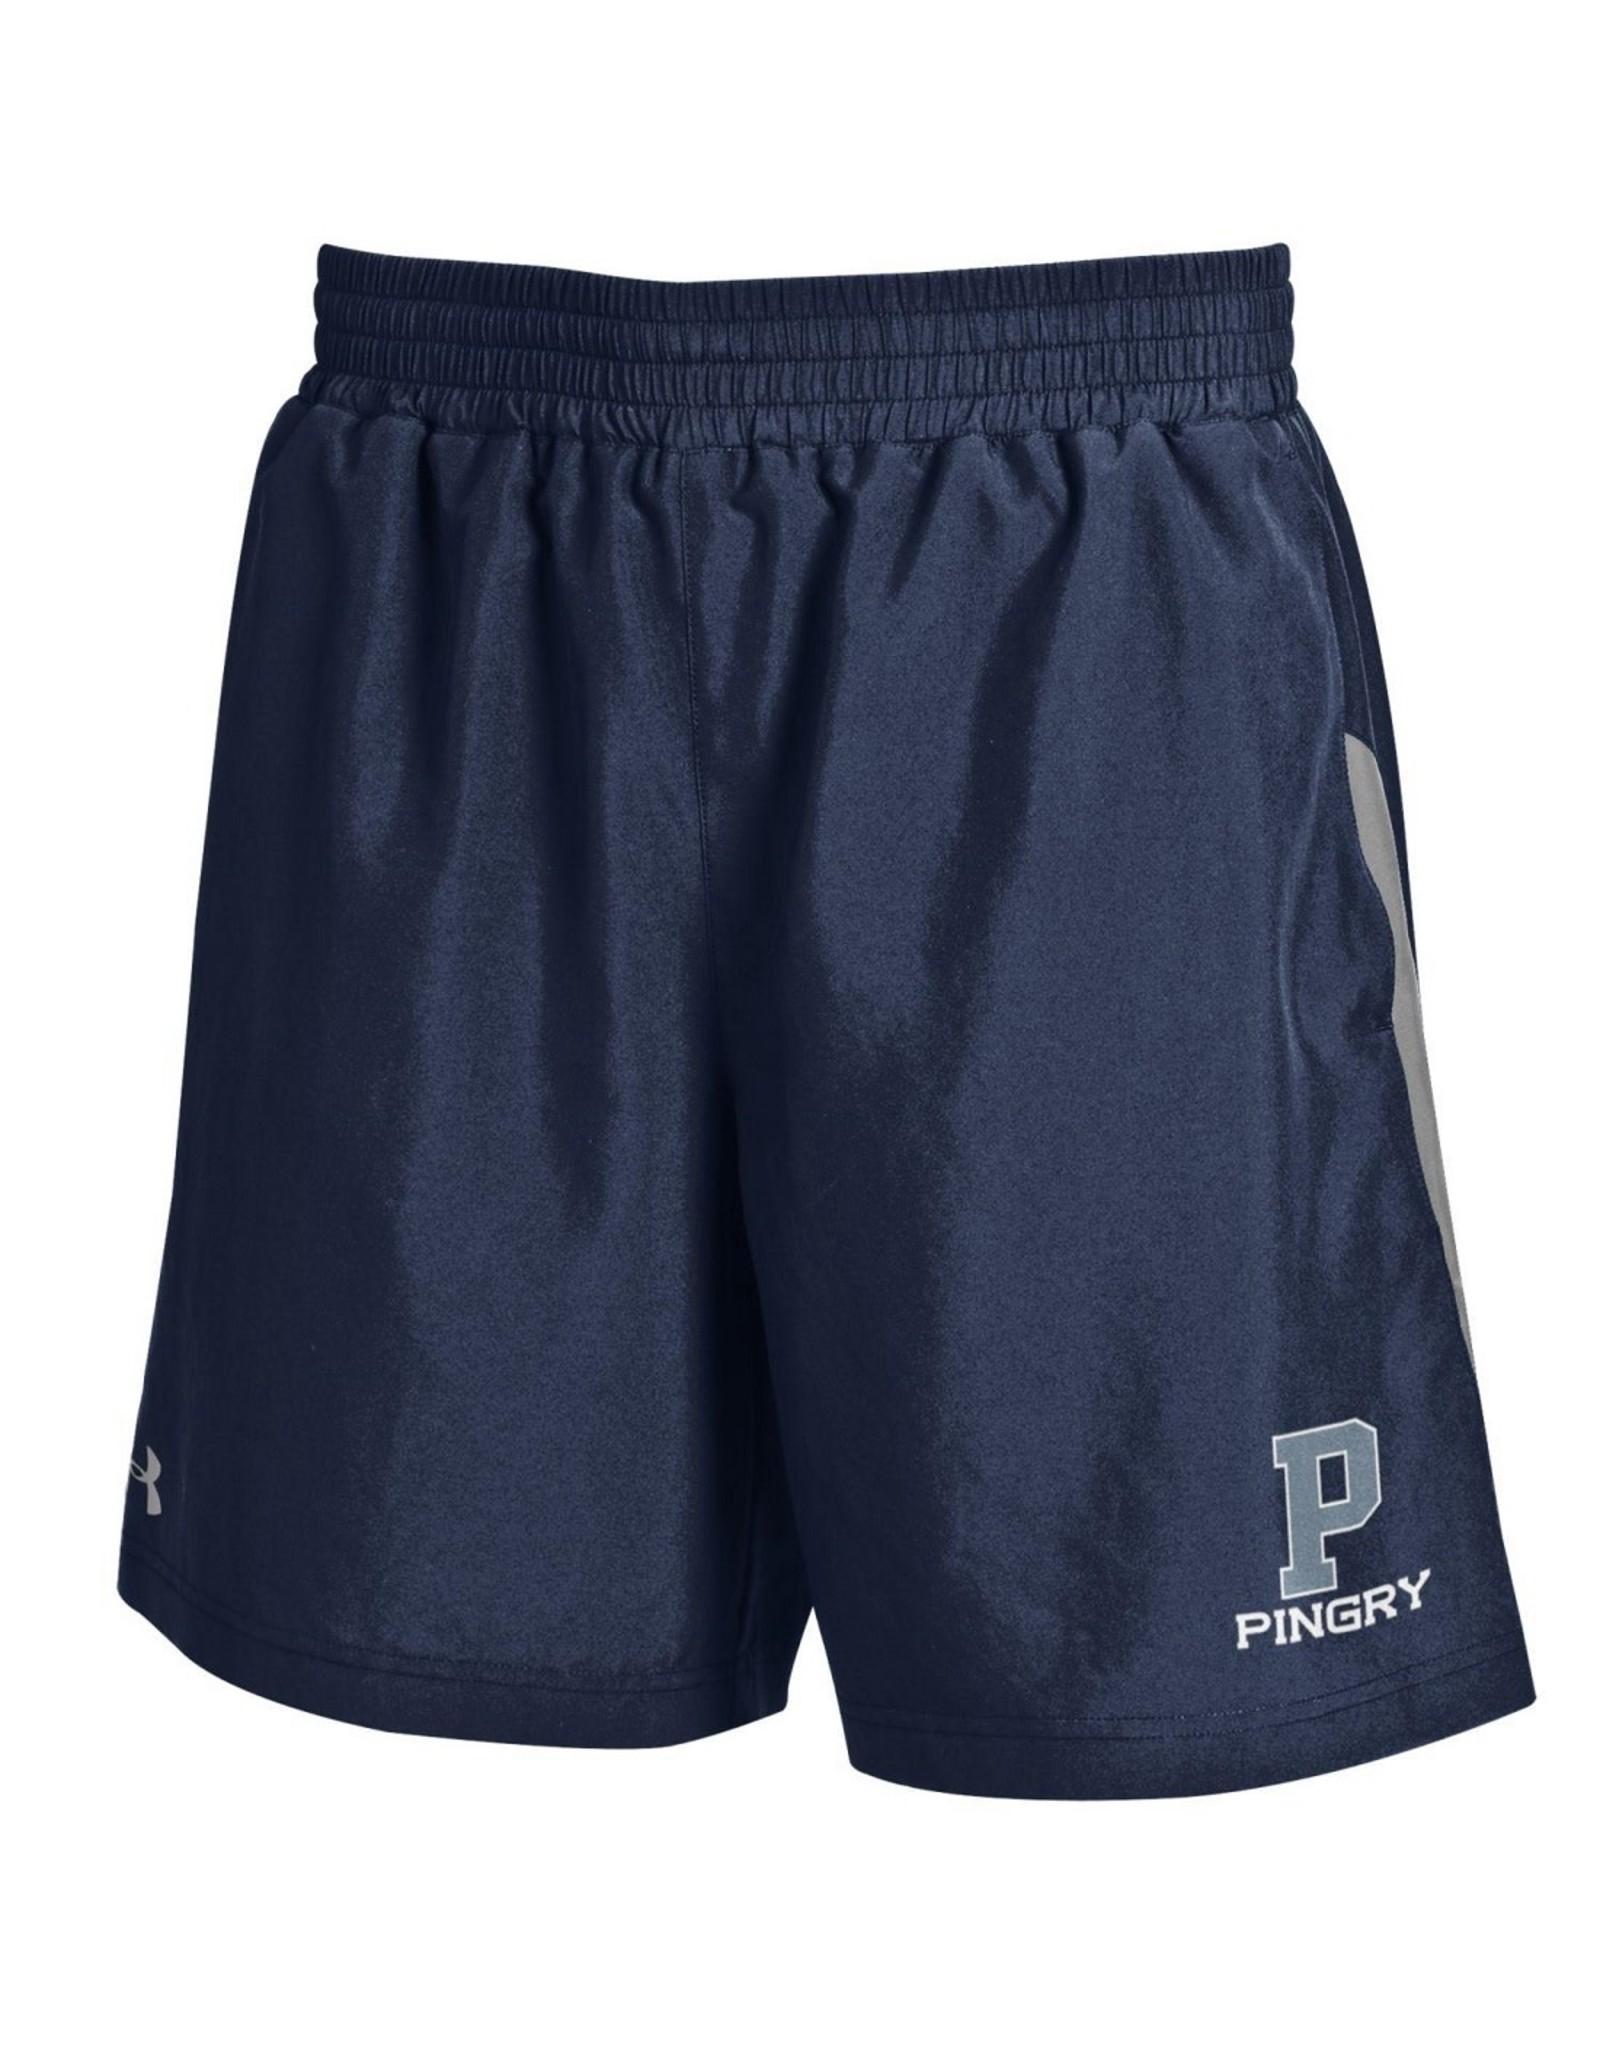 Under Armour Locker 9 inch shorts-mens